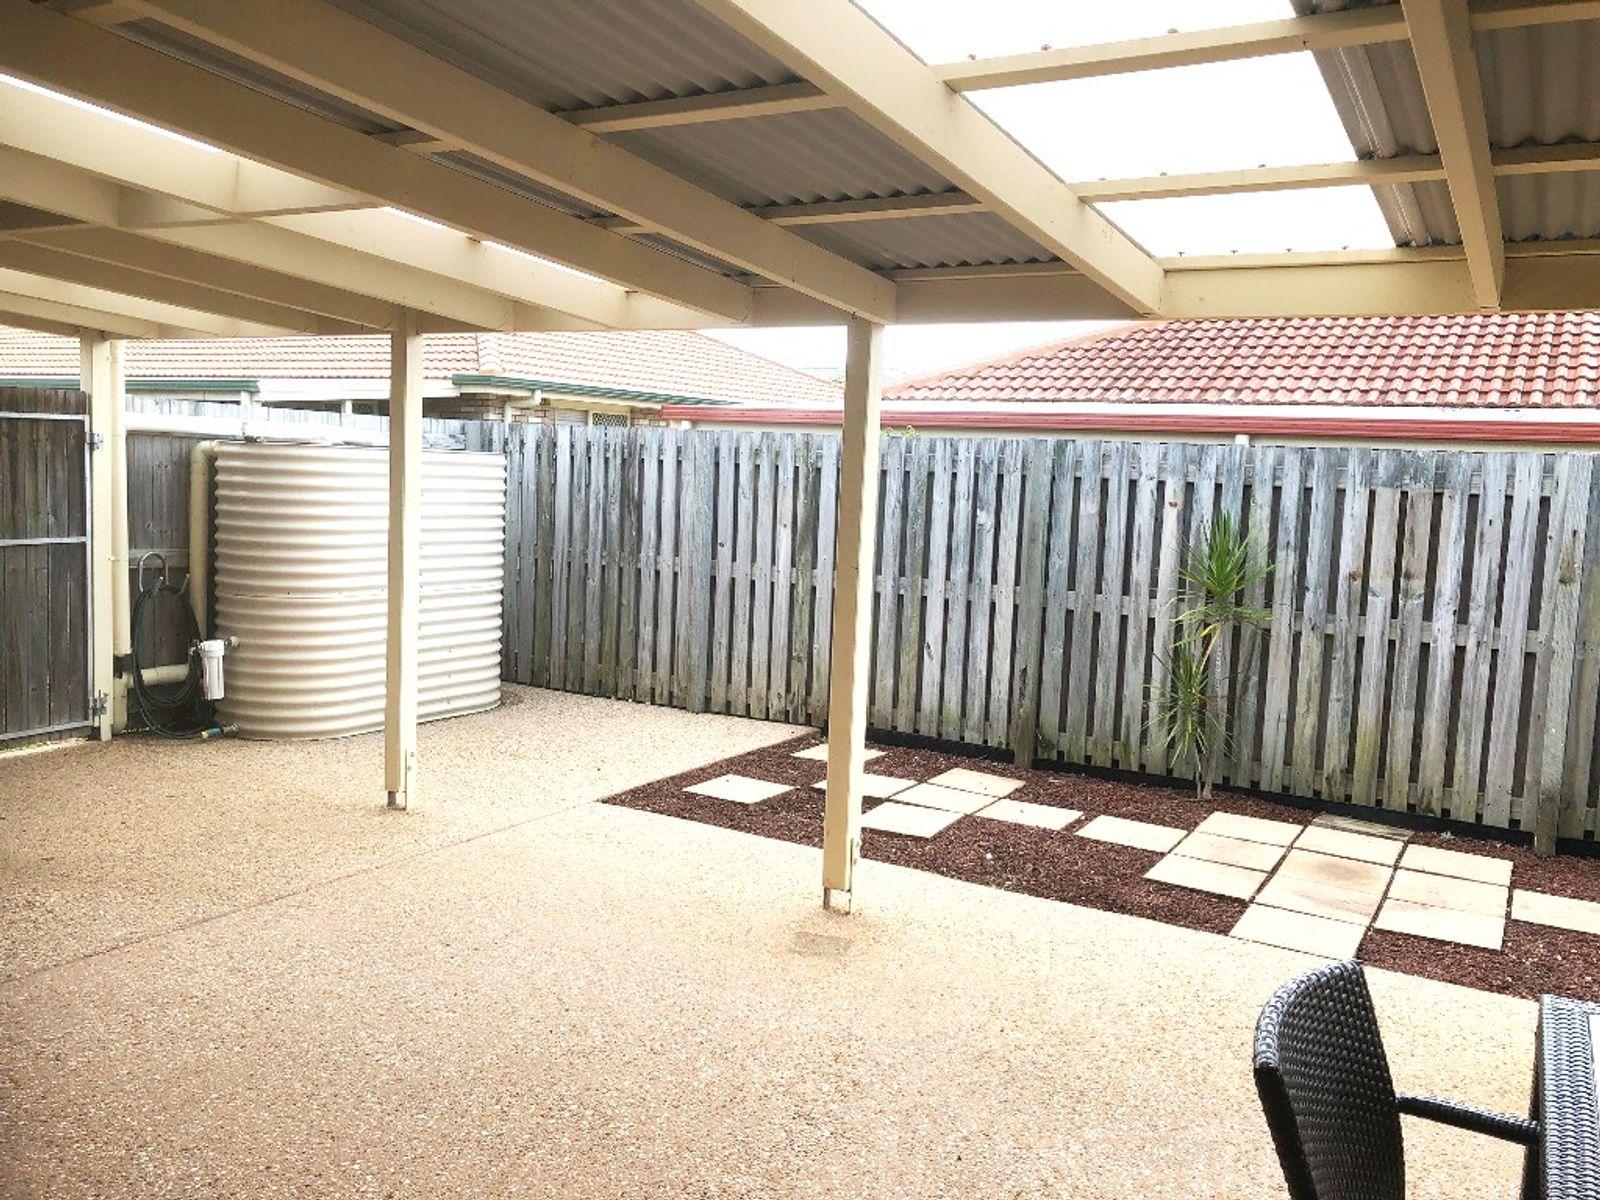 16/210 Bestmann Road, Sandstone Point, QLD 4511